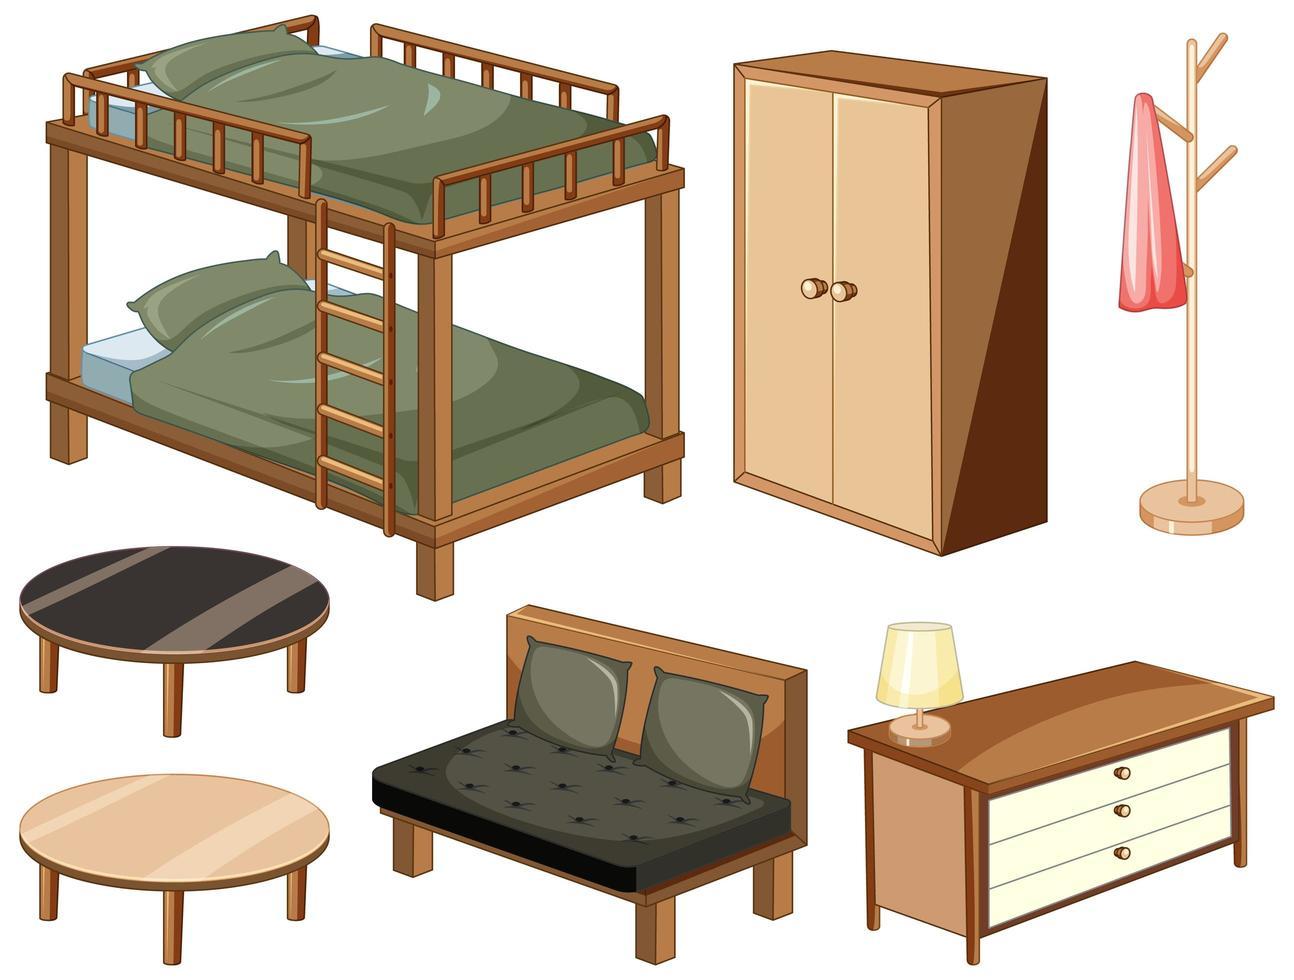 Objets de meubles de chambre isolés sur fond blanc vecteur